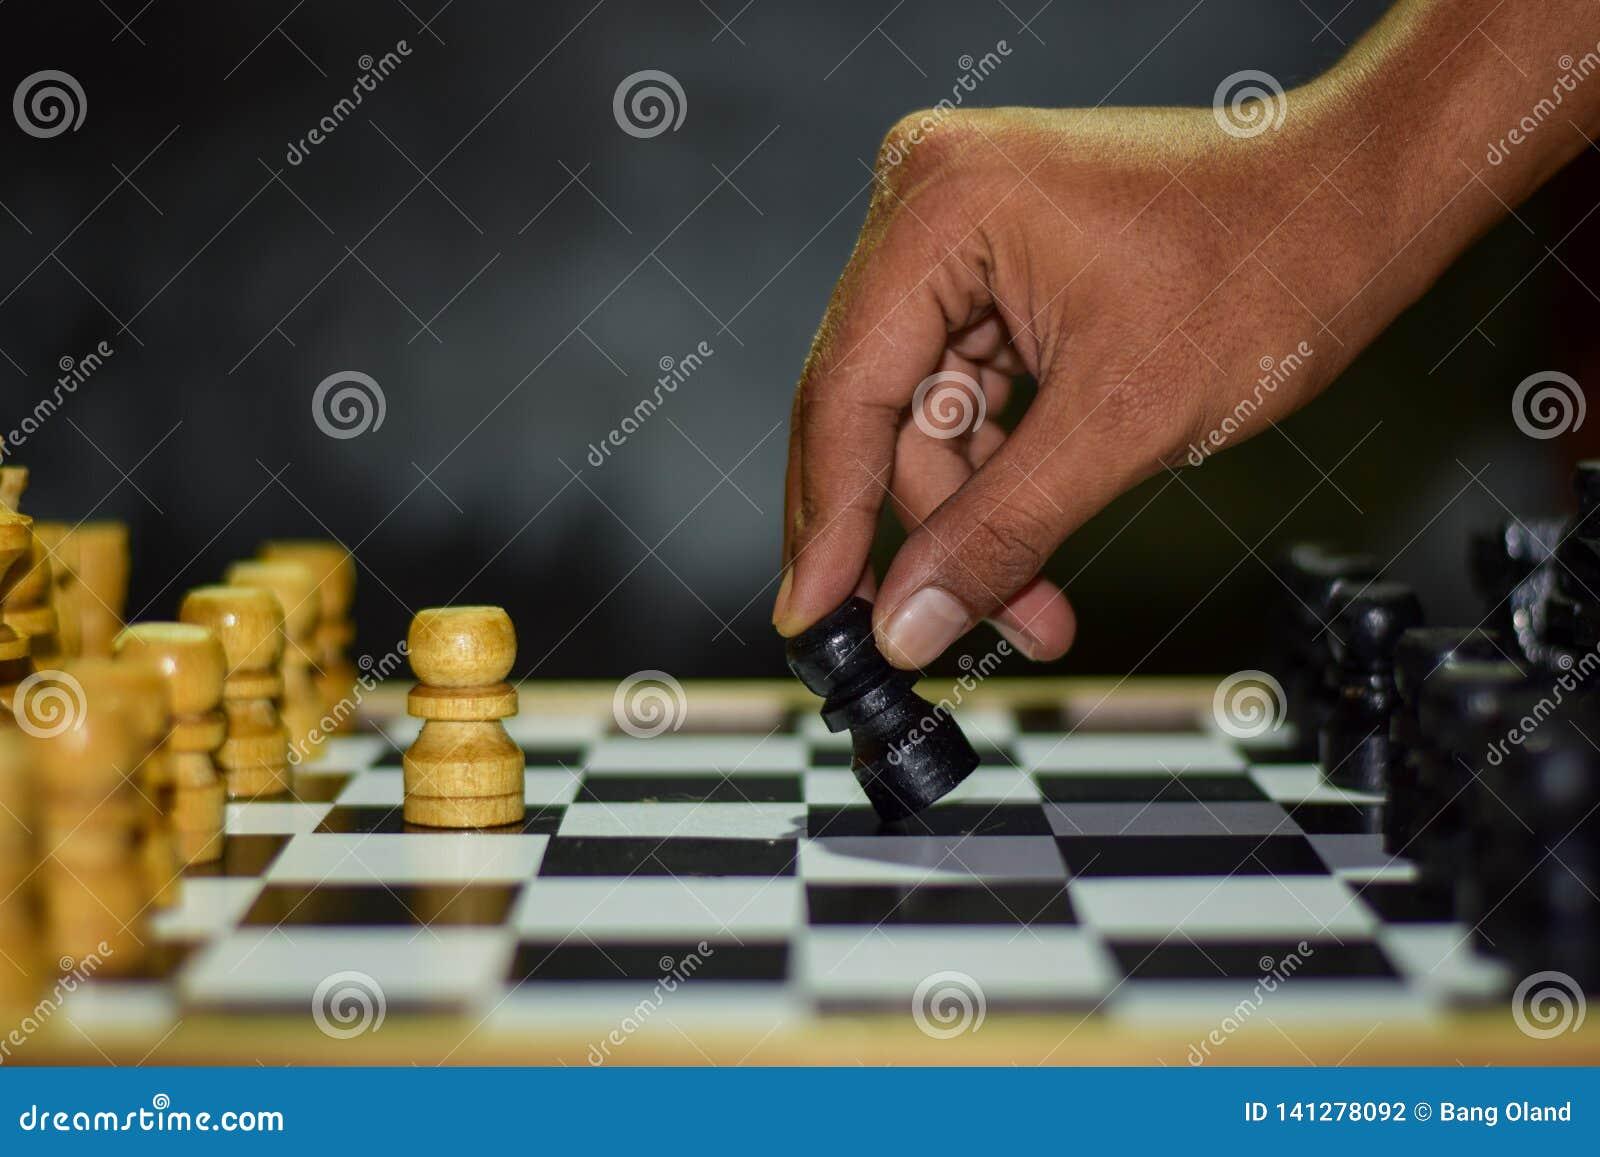 Παιχνίδι σκακιού για τις ιδέες και τον ανταγωνισμό και τη στρατηγική Φωτογραφισμένος σε μια σκακιέρα